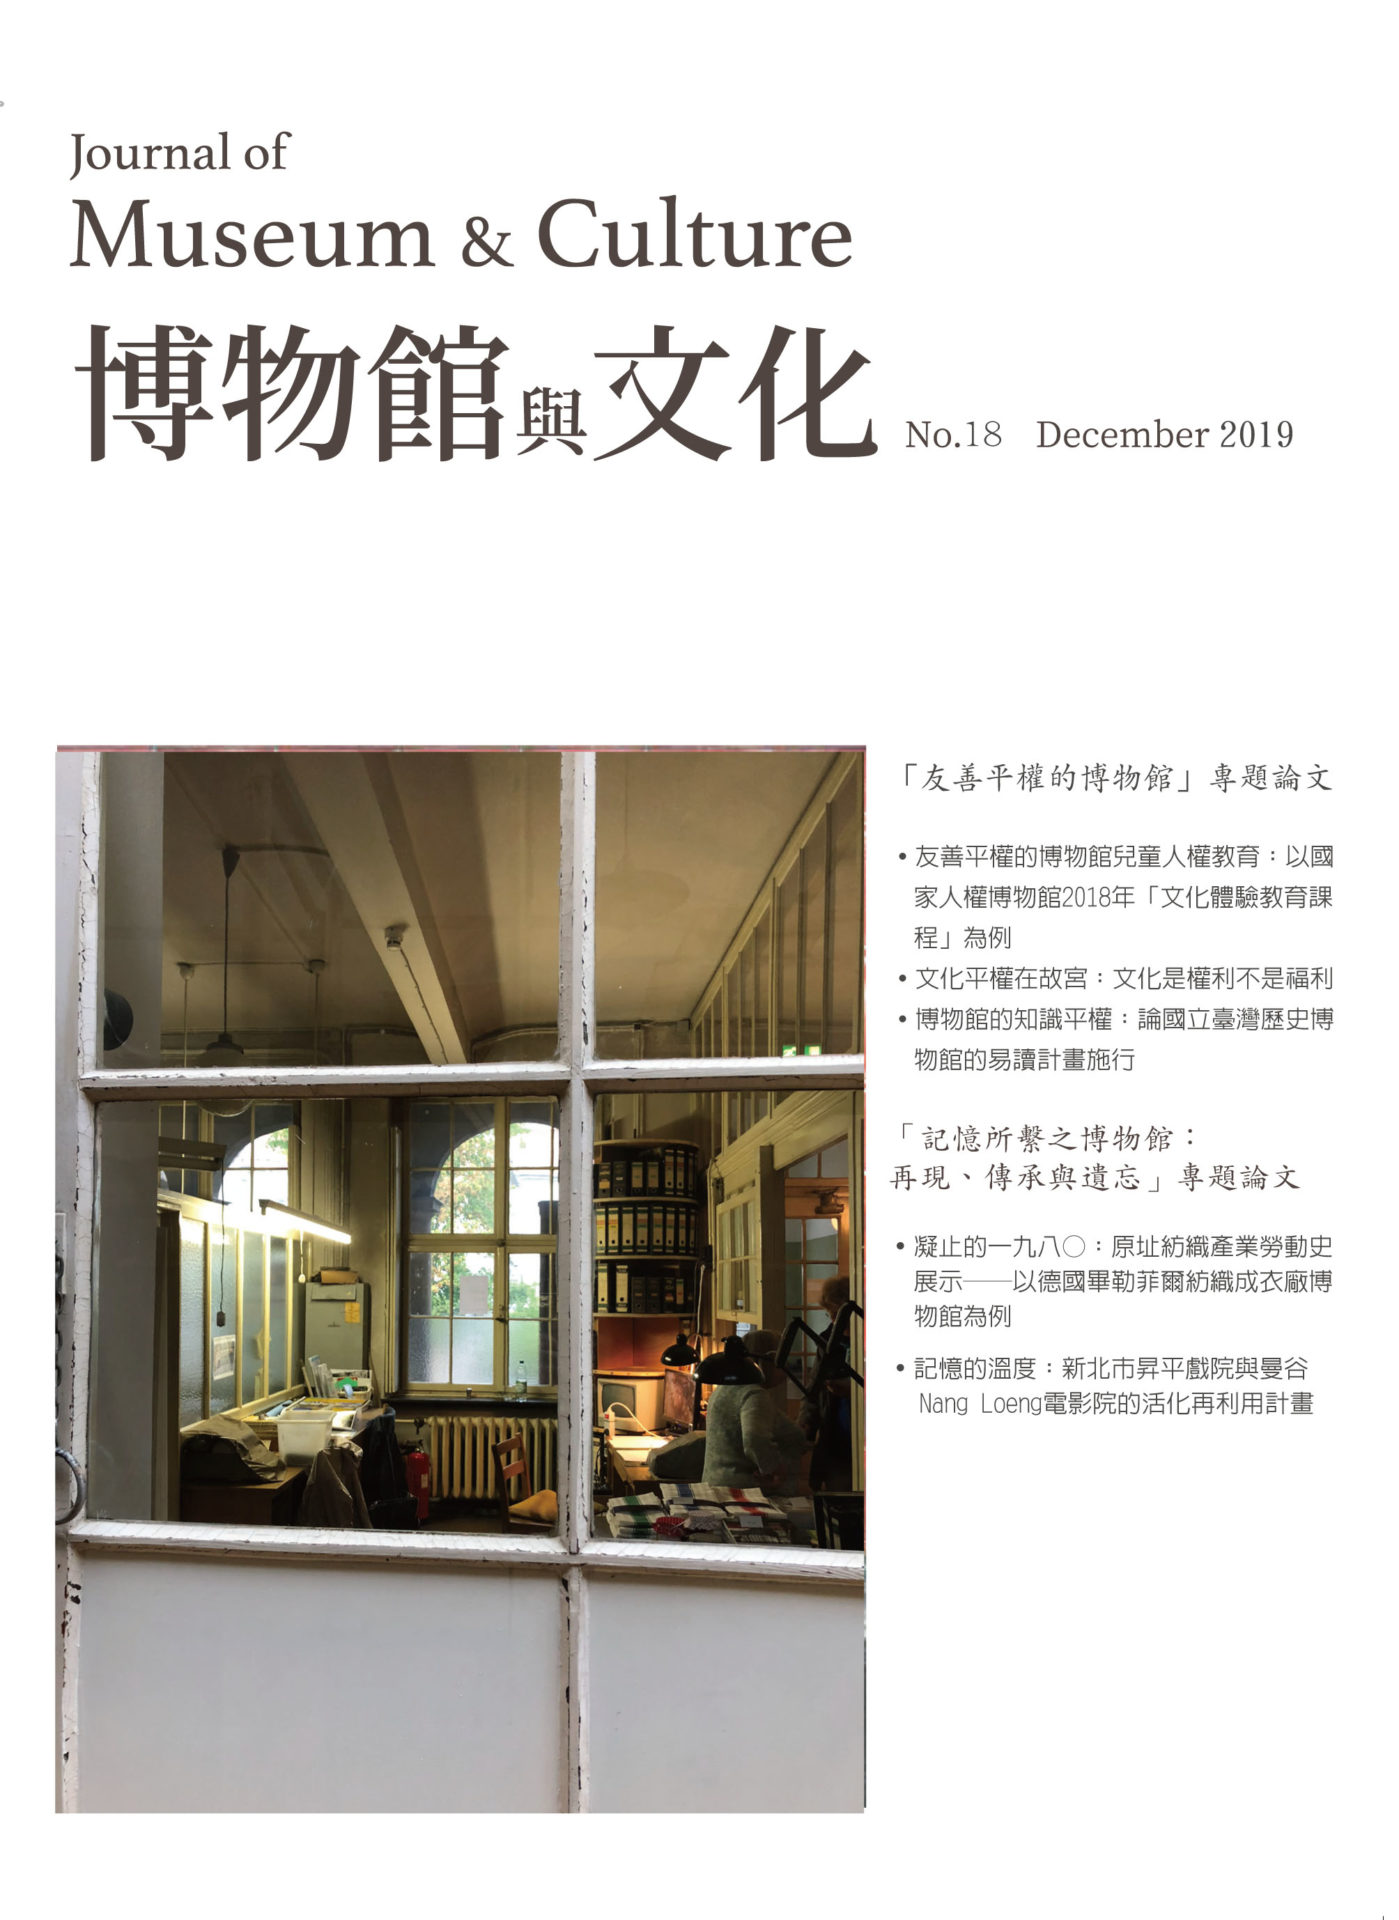 即日起至2021/01/15【博物館與文化】第二十一期專輯主題:博物館的社會參與專題徵稿說明